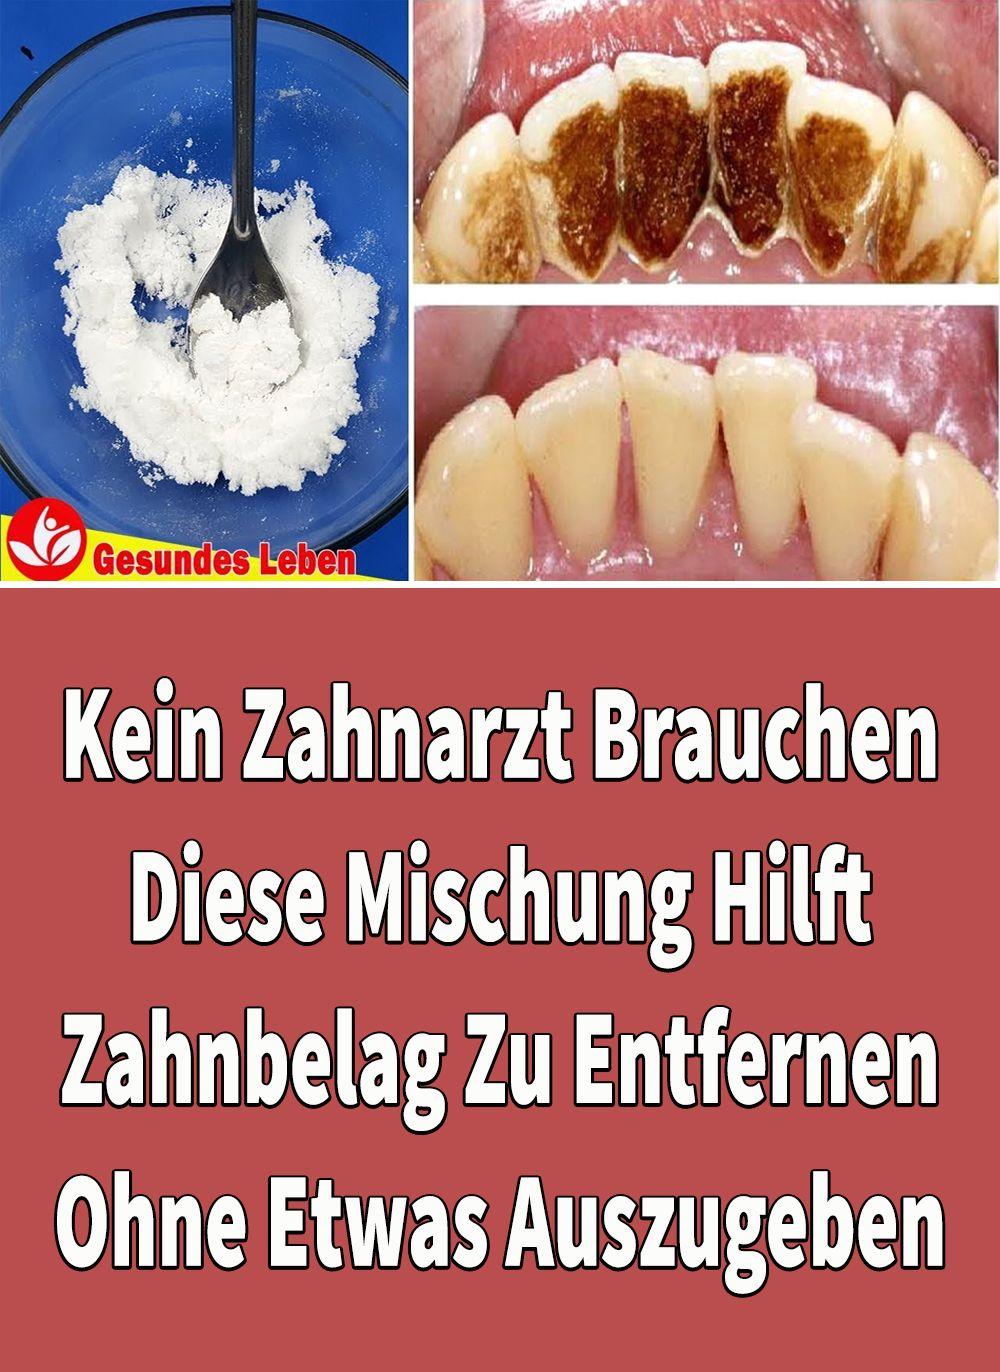 Kein Zahnarzt Brauchen: Diese Mischung Hilft Zahnbelag Zu Entfernen, Ohne Etwas Auszugeben